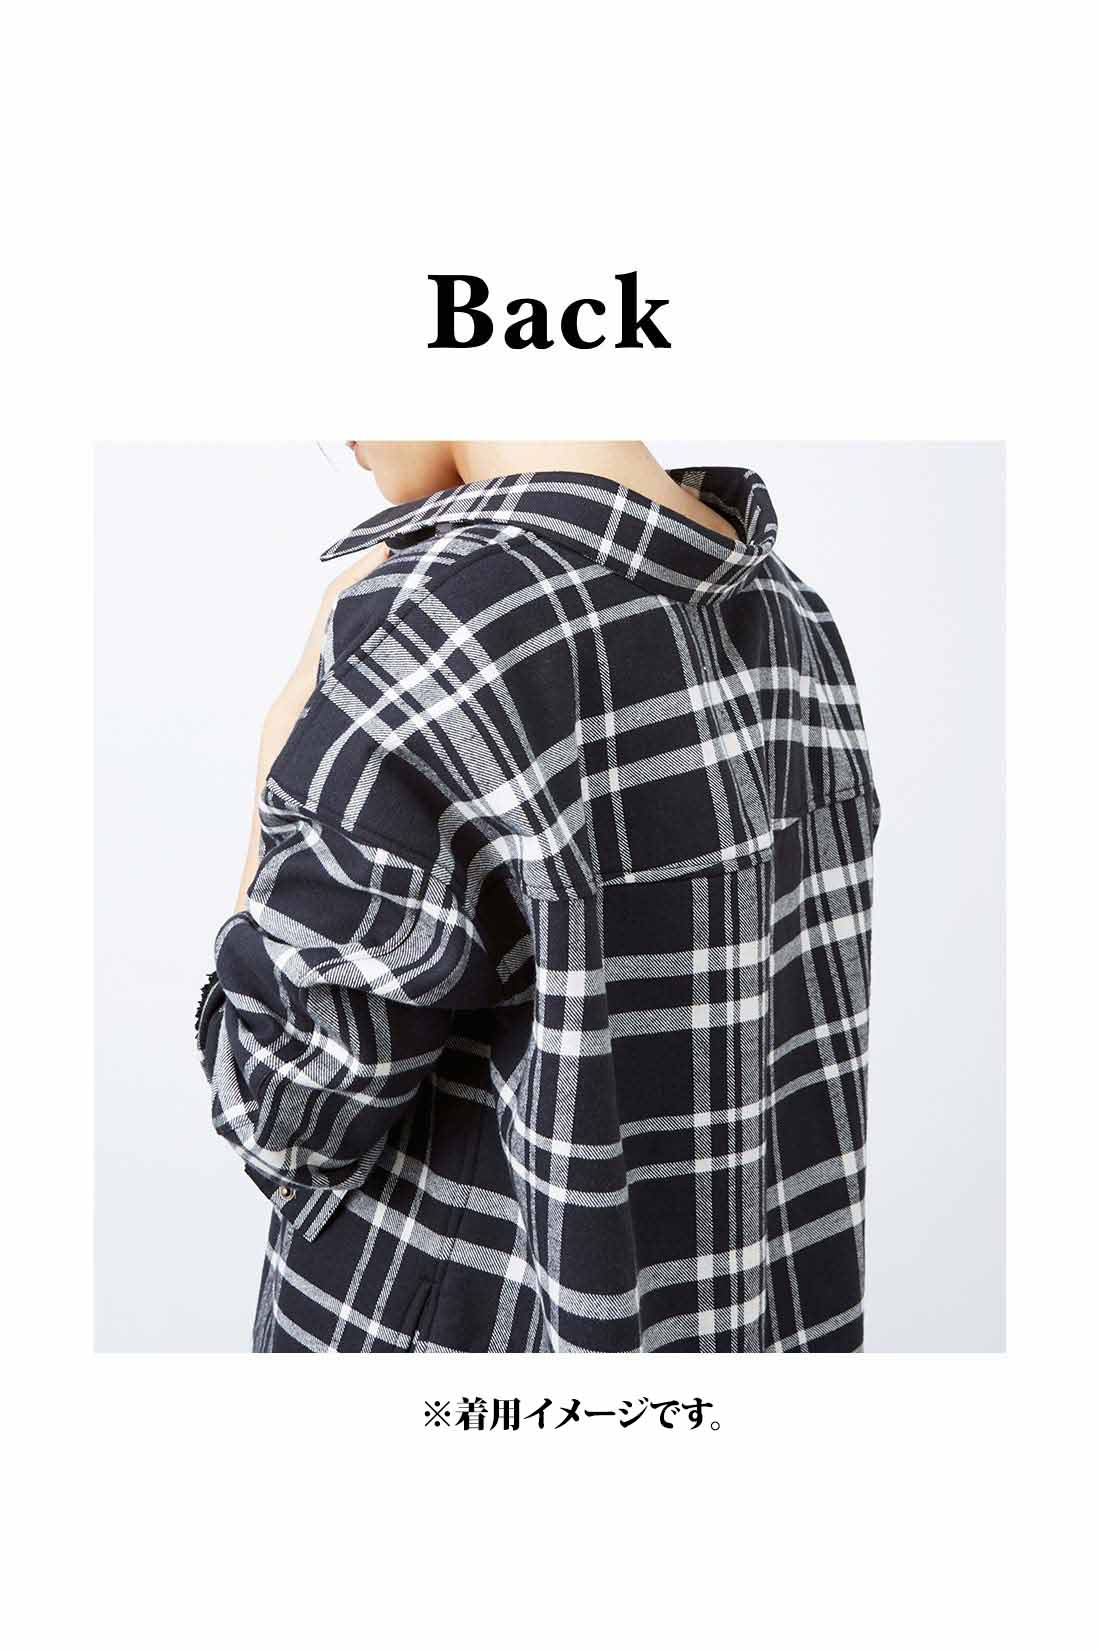 着方を工夫しなくても簡単にトレンドのスタイルが楽しめる衿抜きデザインで女っぽく。 ※お届けするカラーとは異なります。